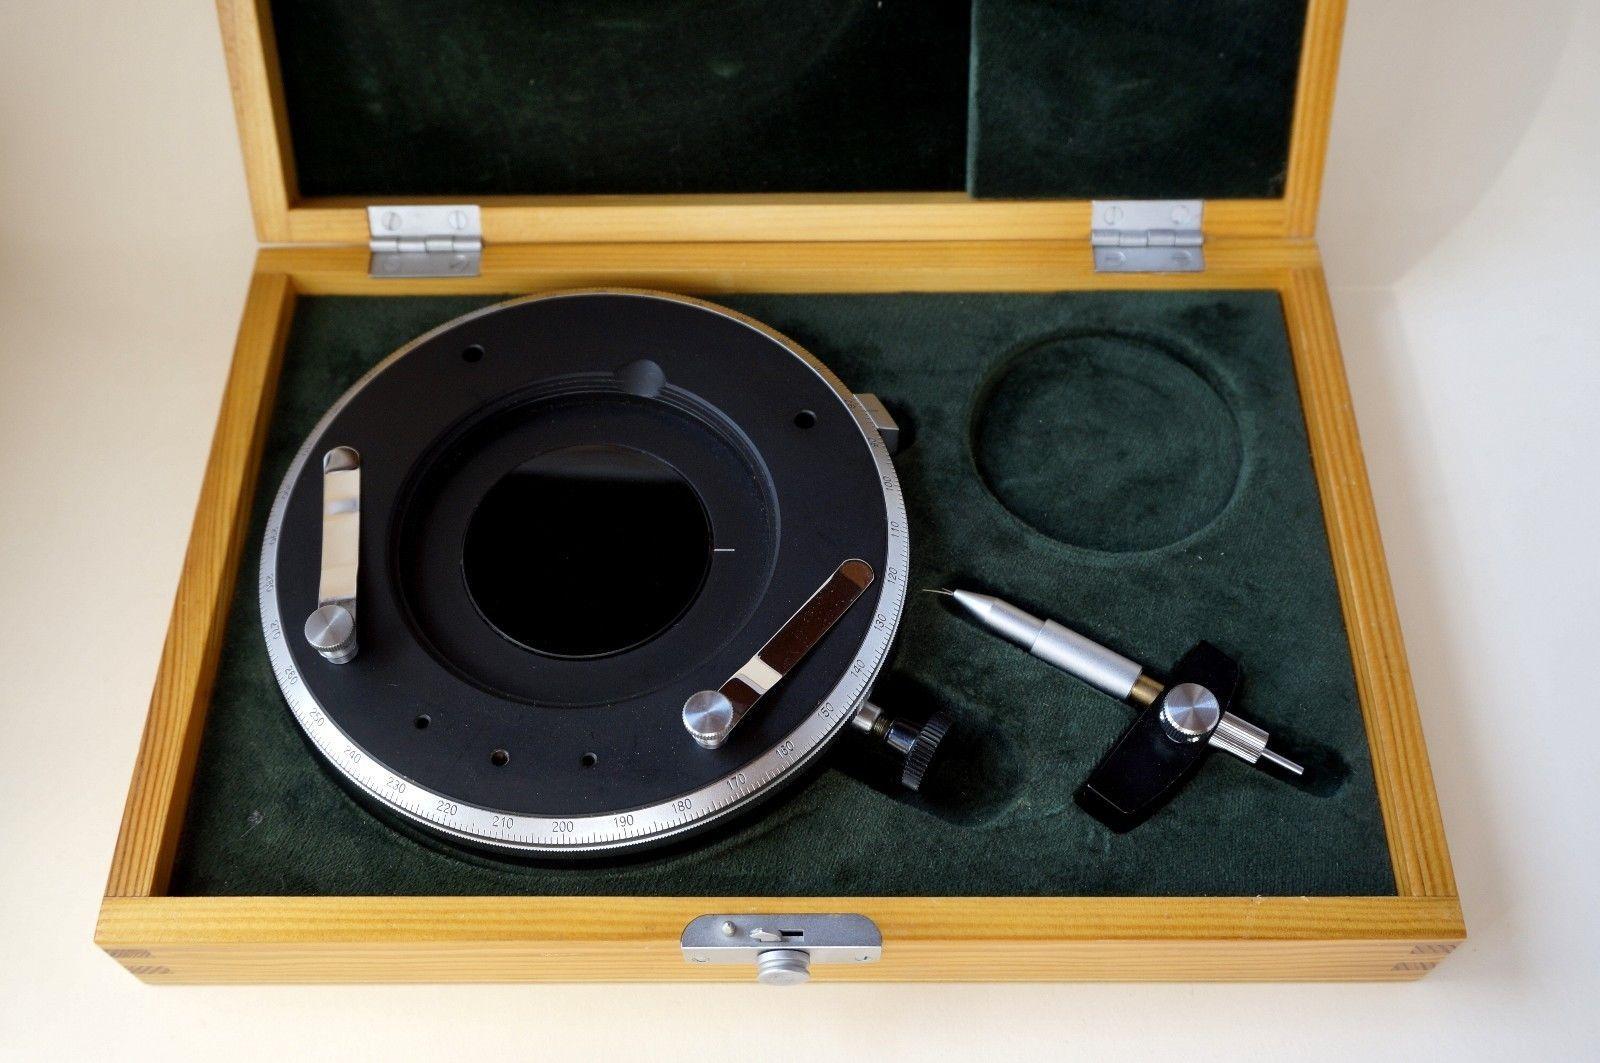 Carl zeiss jena smxx stereo mikroskop pol tisch ebay microscope